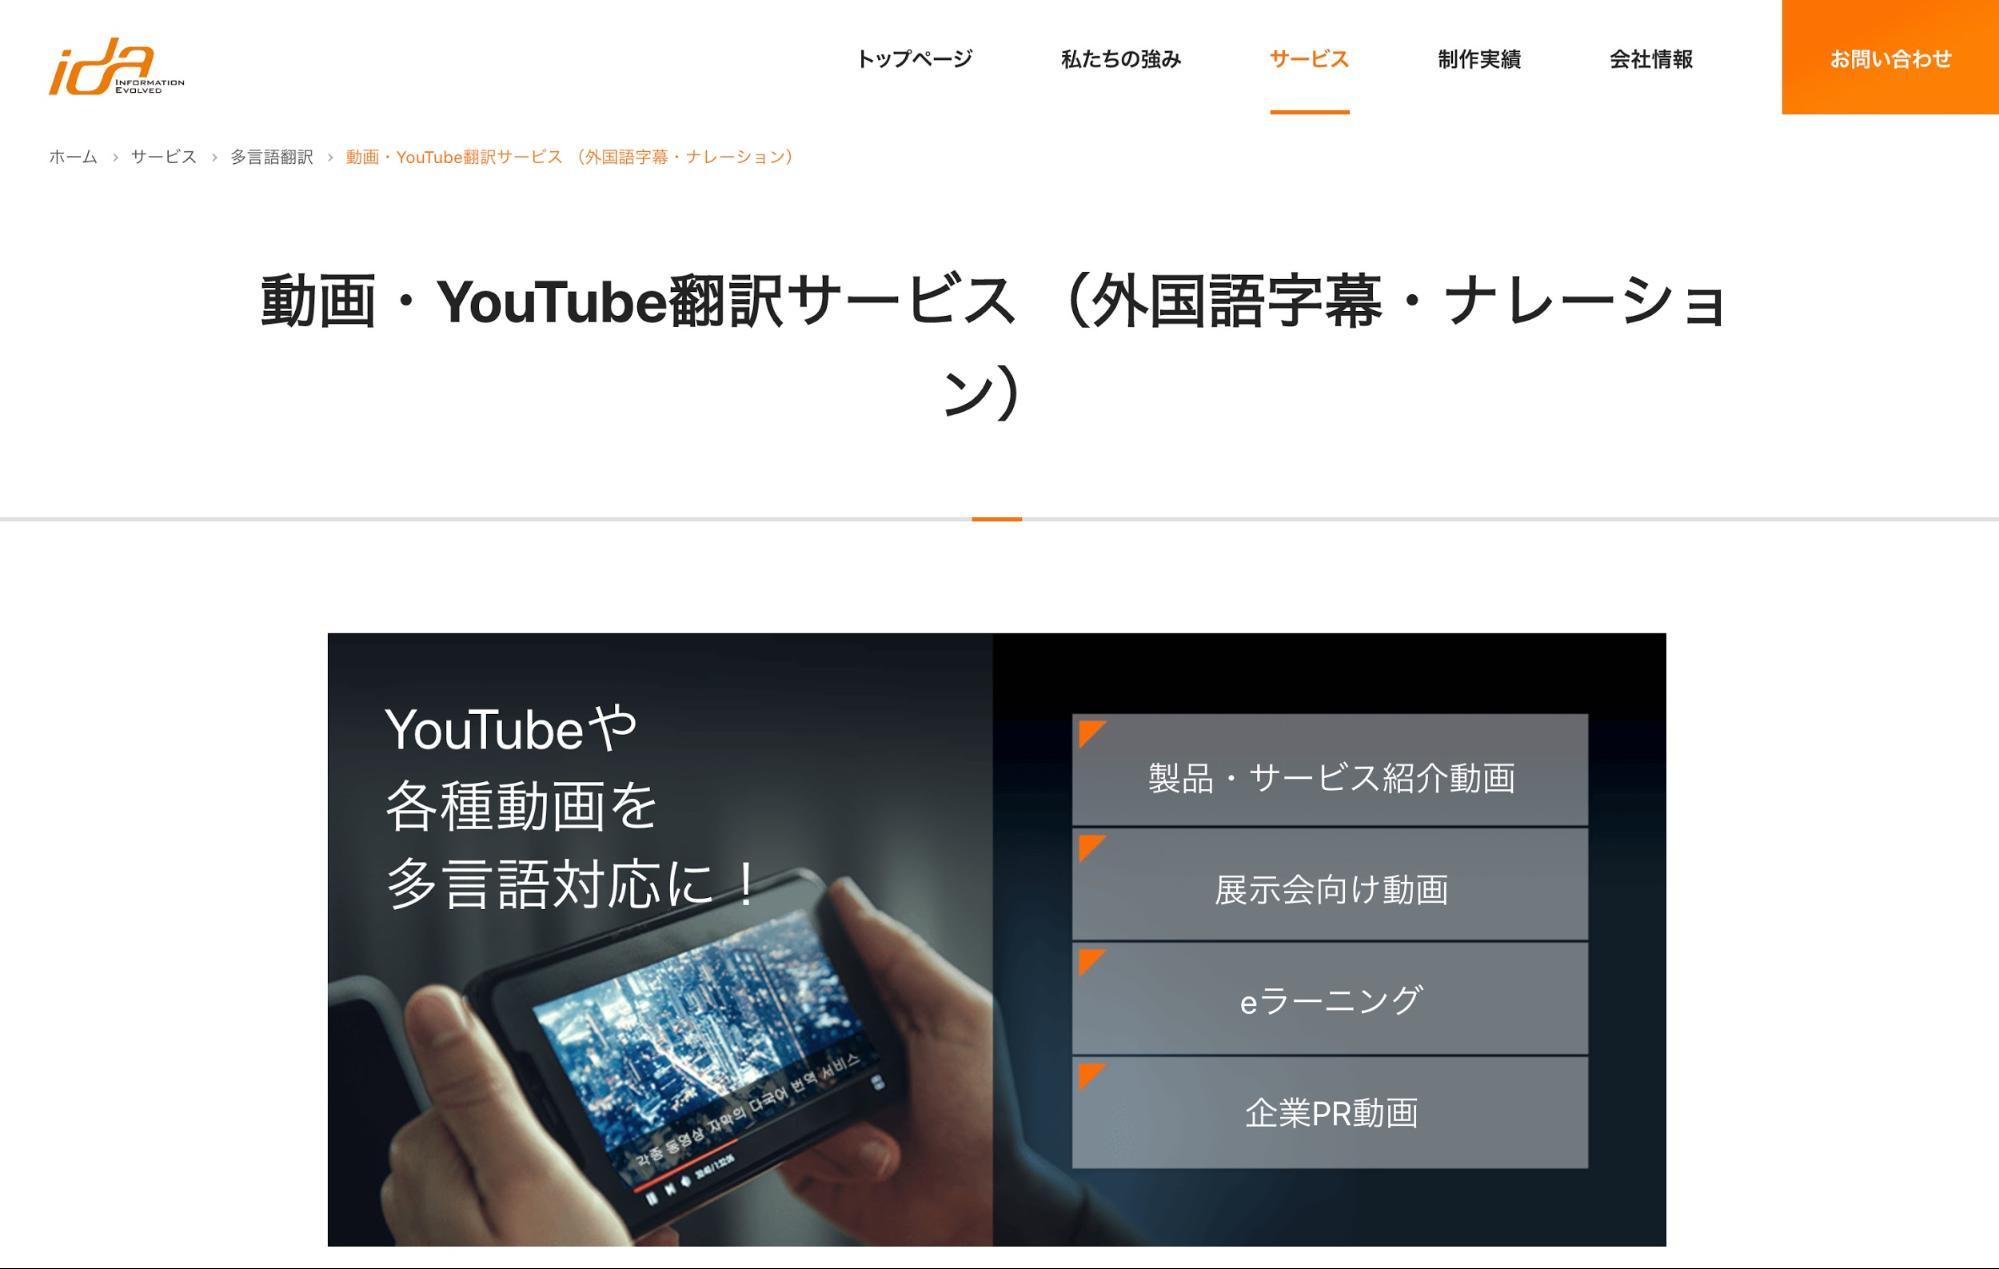 企業YouTubeは翻訳会社に依頼すべき